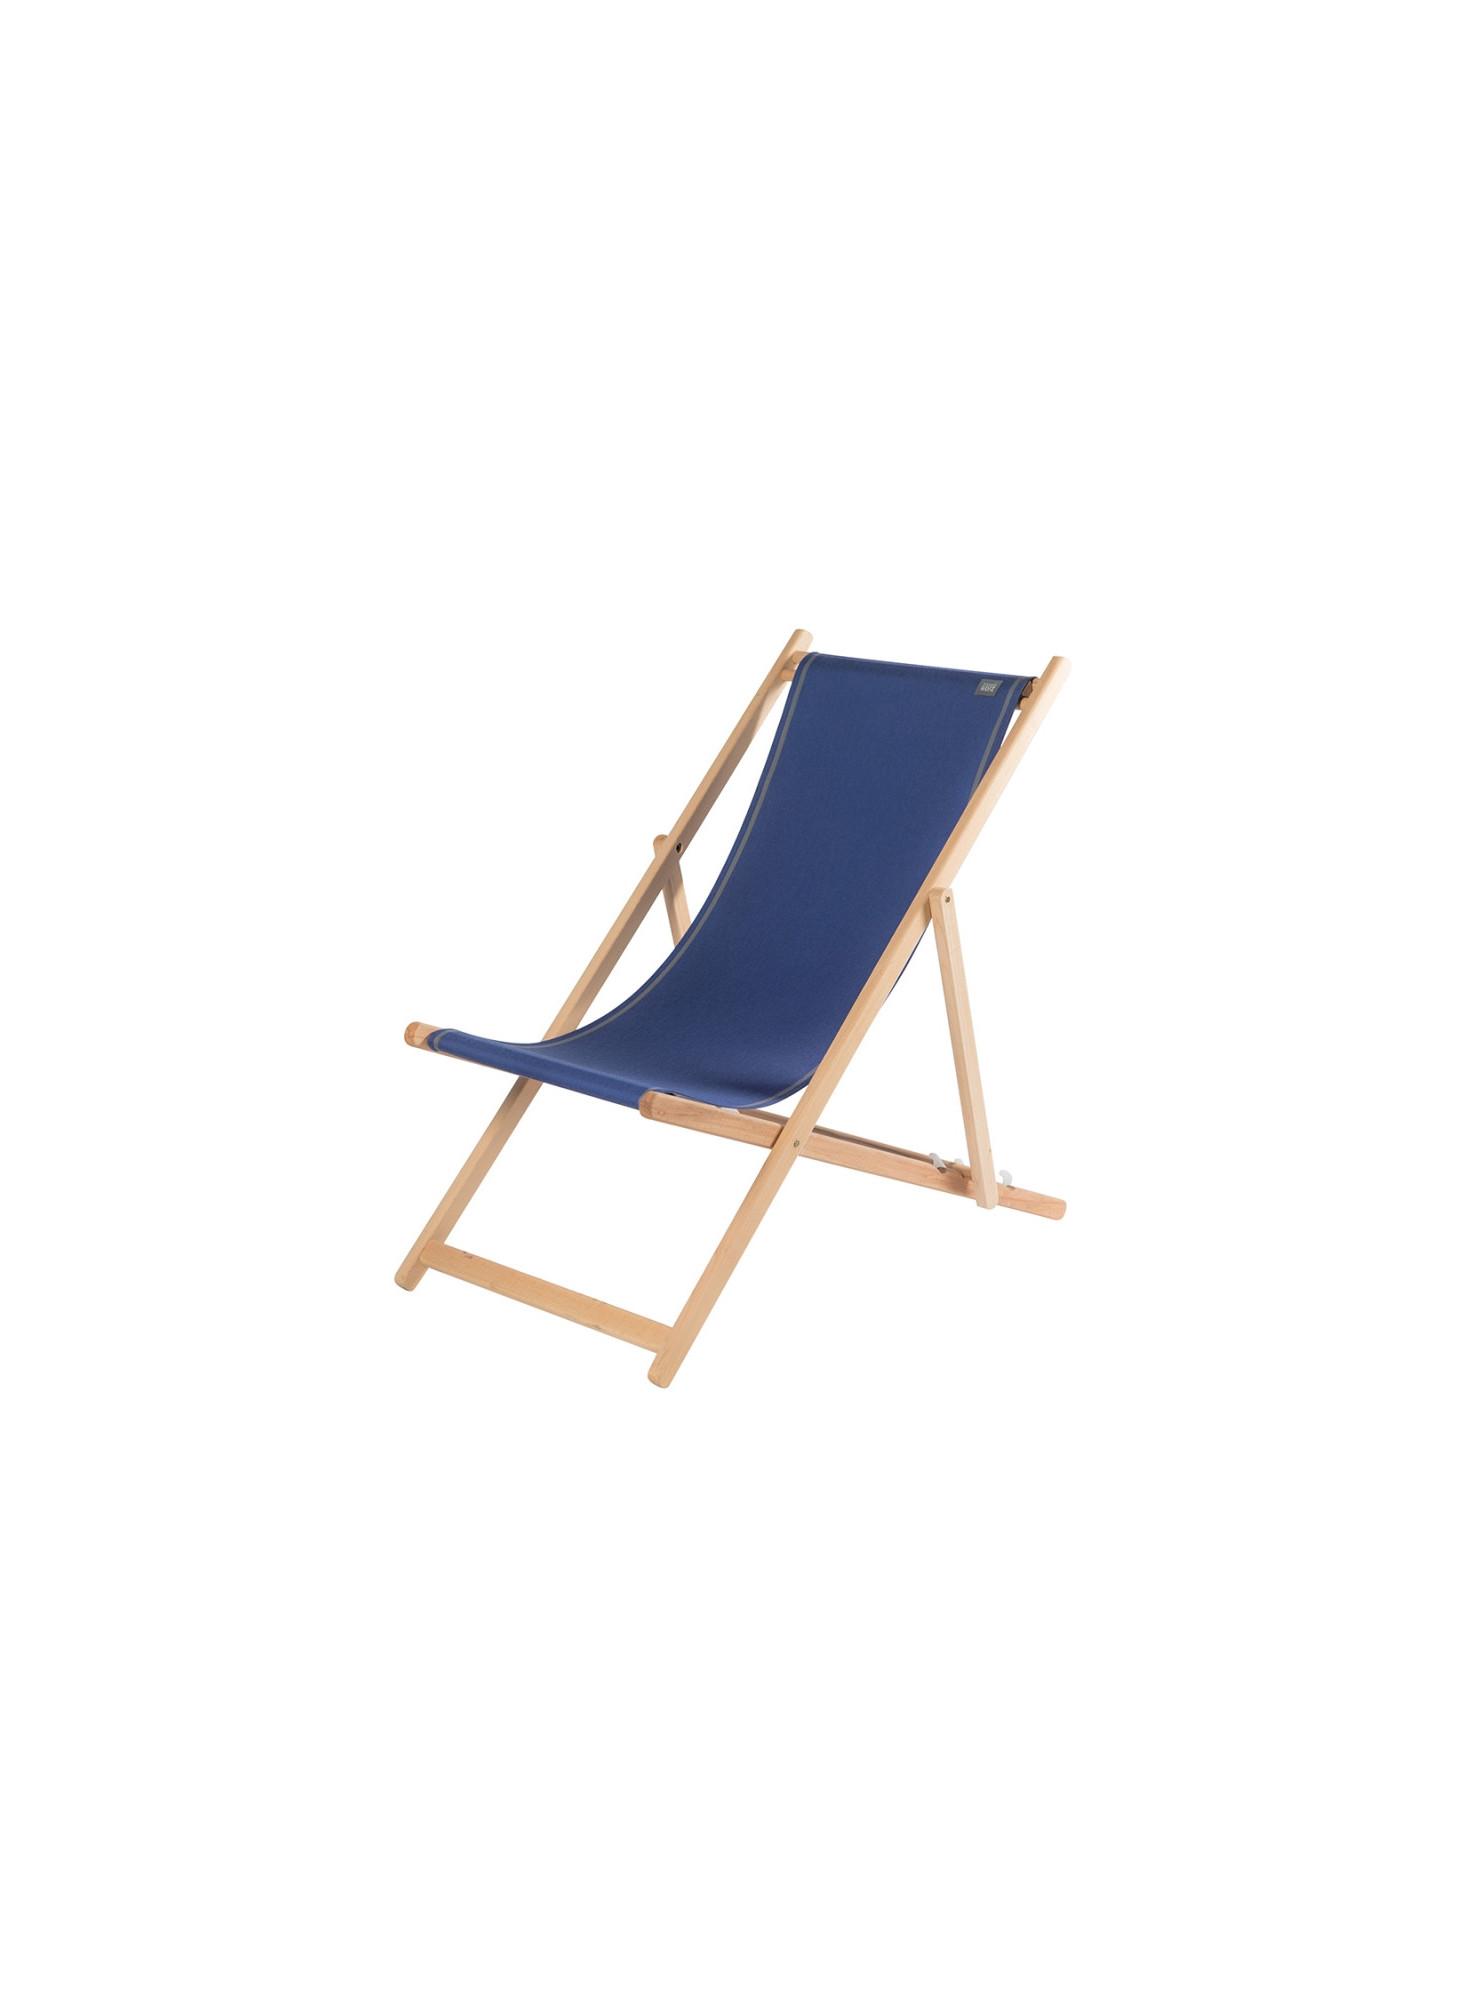 Transat Uni Outre-Mer en tissu basque chaise longue chilienne basque